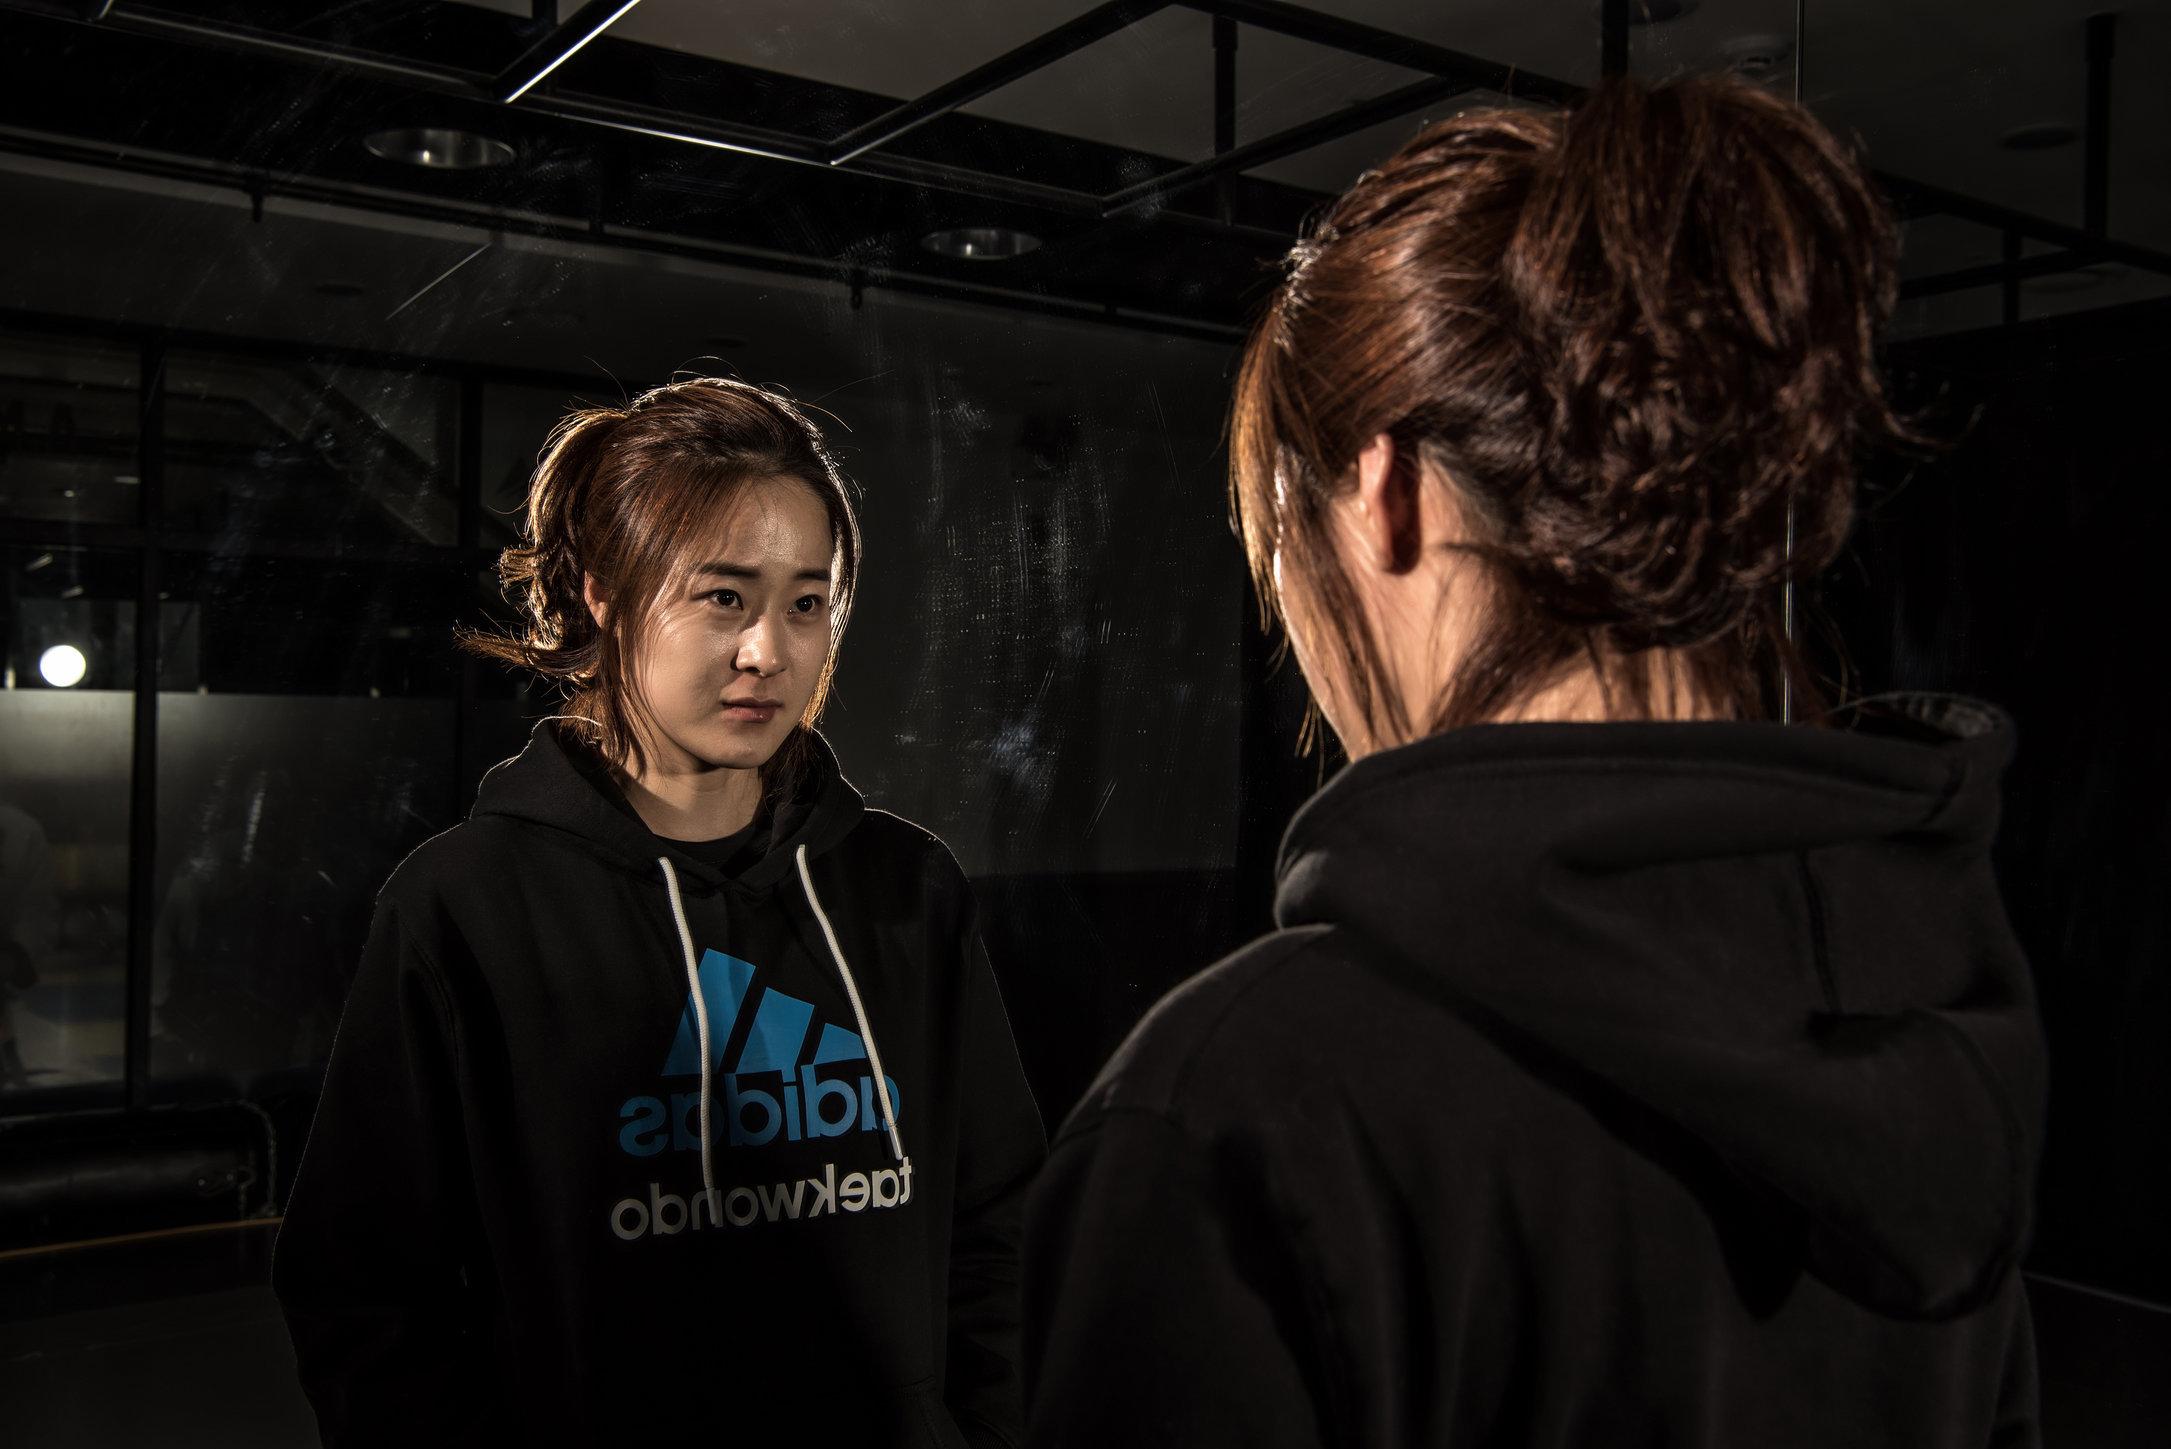 Taekwondo_046.jpg